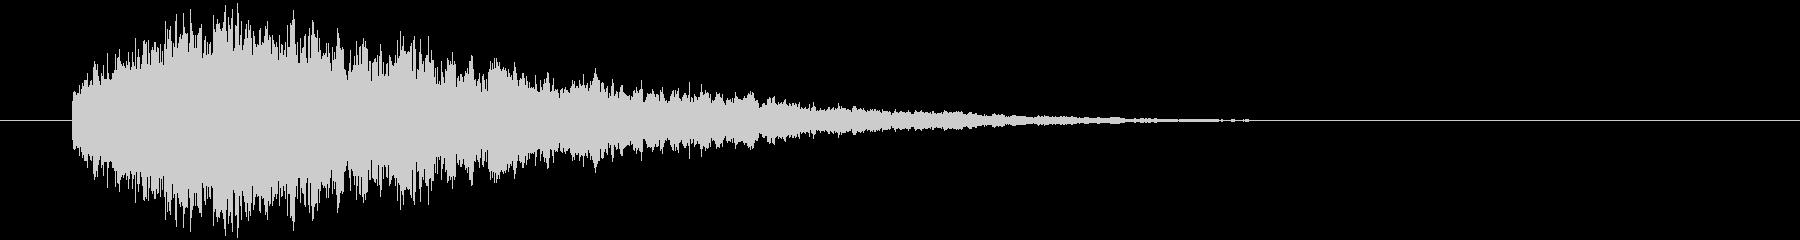 会社ロゴSEの未再生の波形